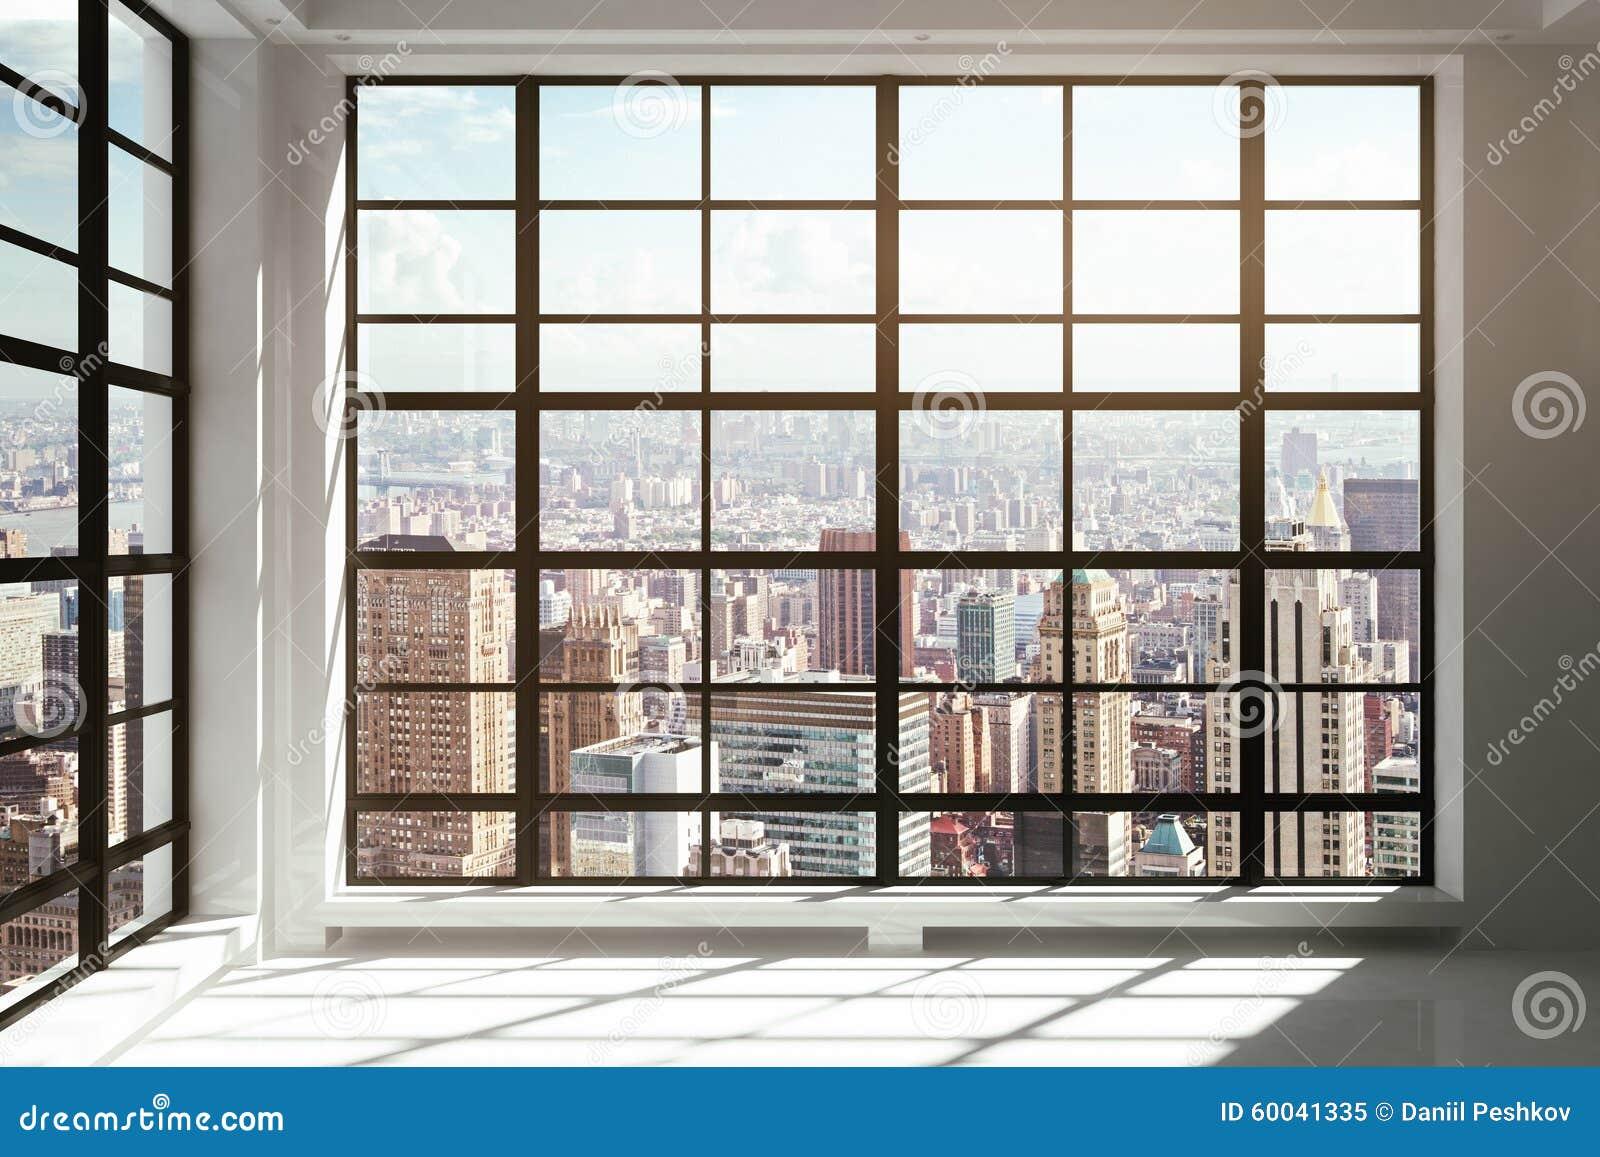 Fenster Vom Boden Bis Zur Decke Mit Stadtansicht Stockbild Bild